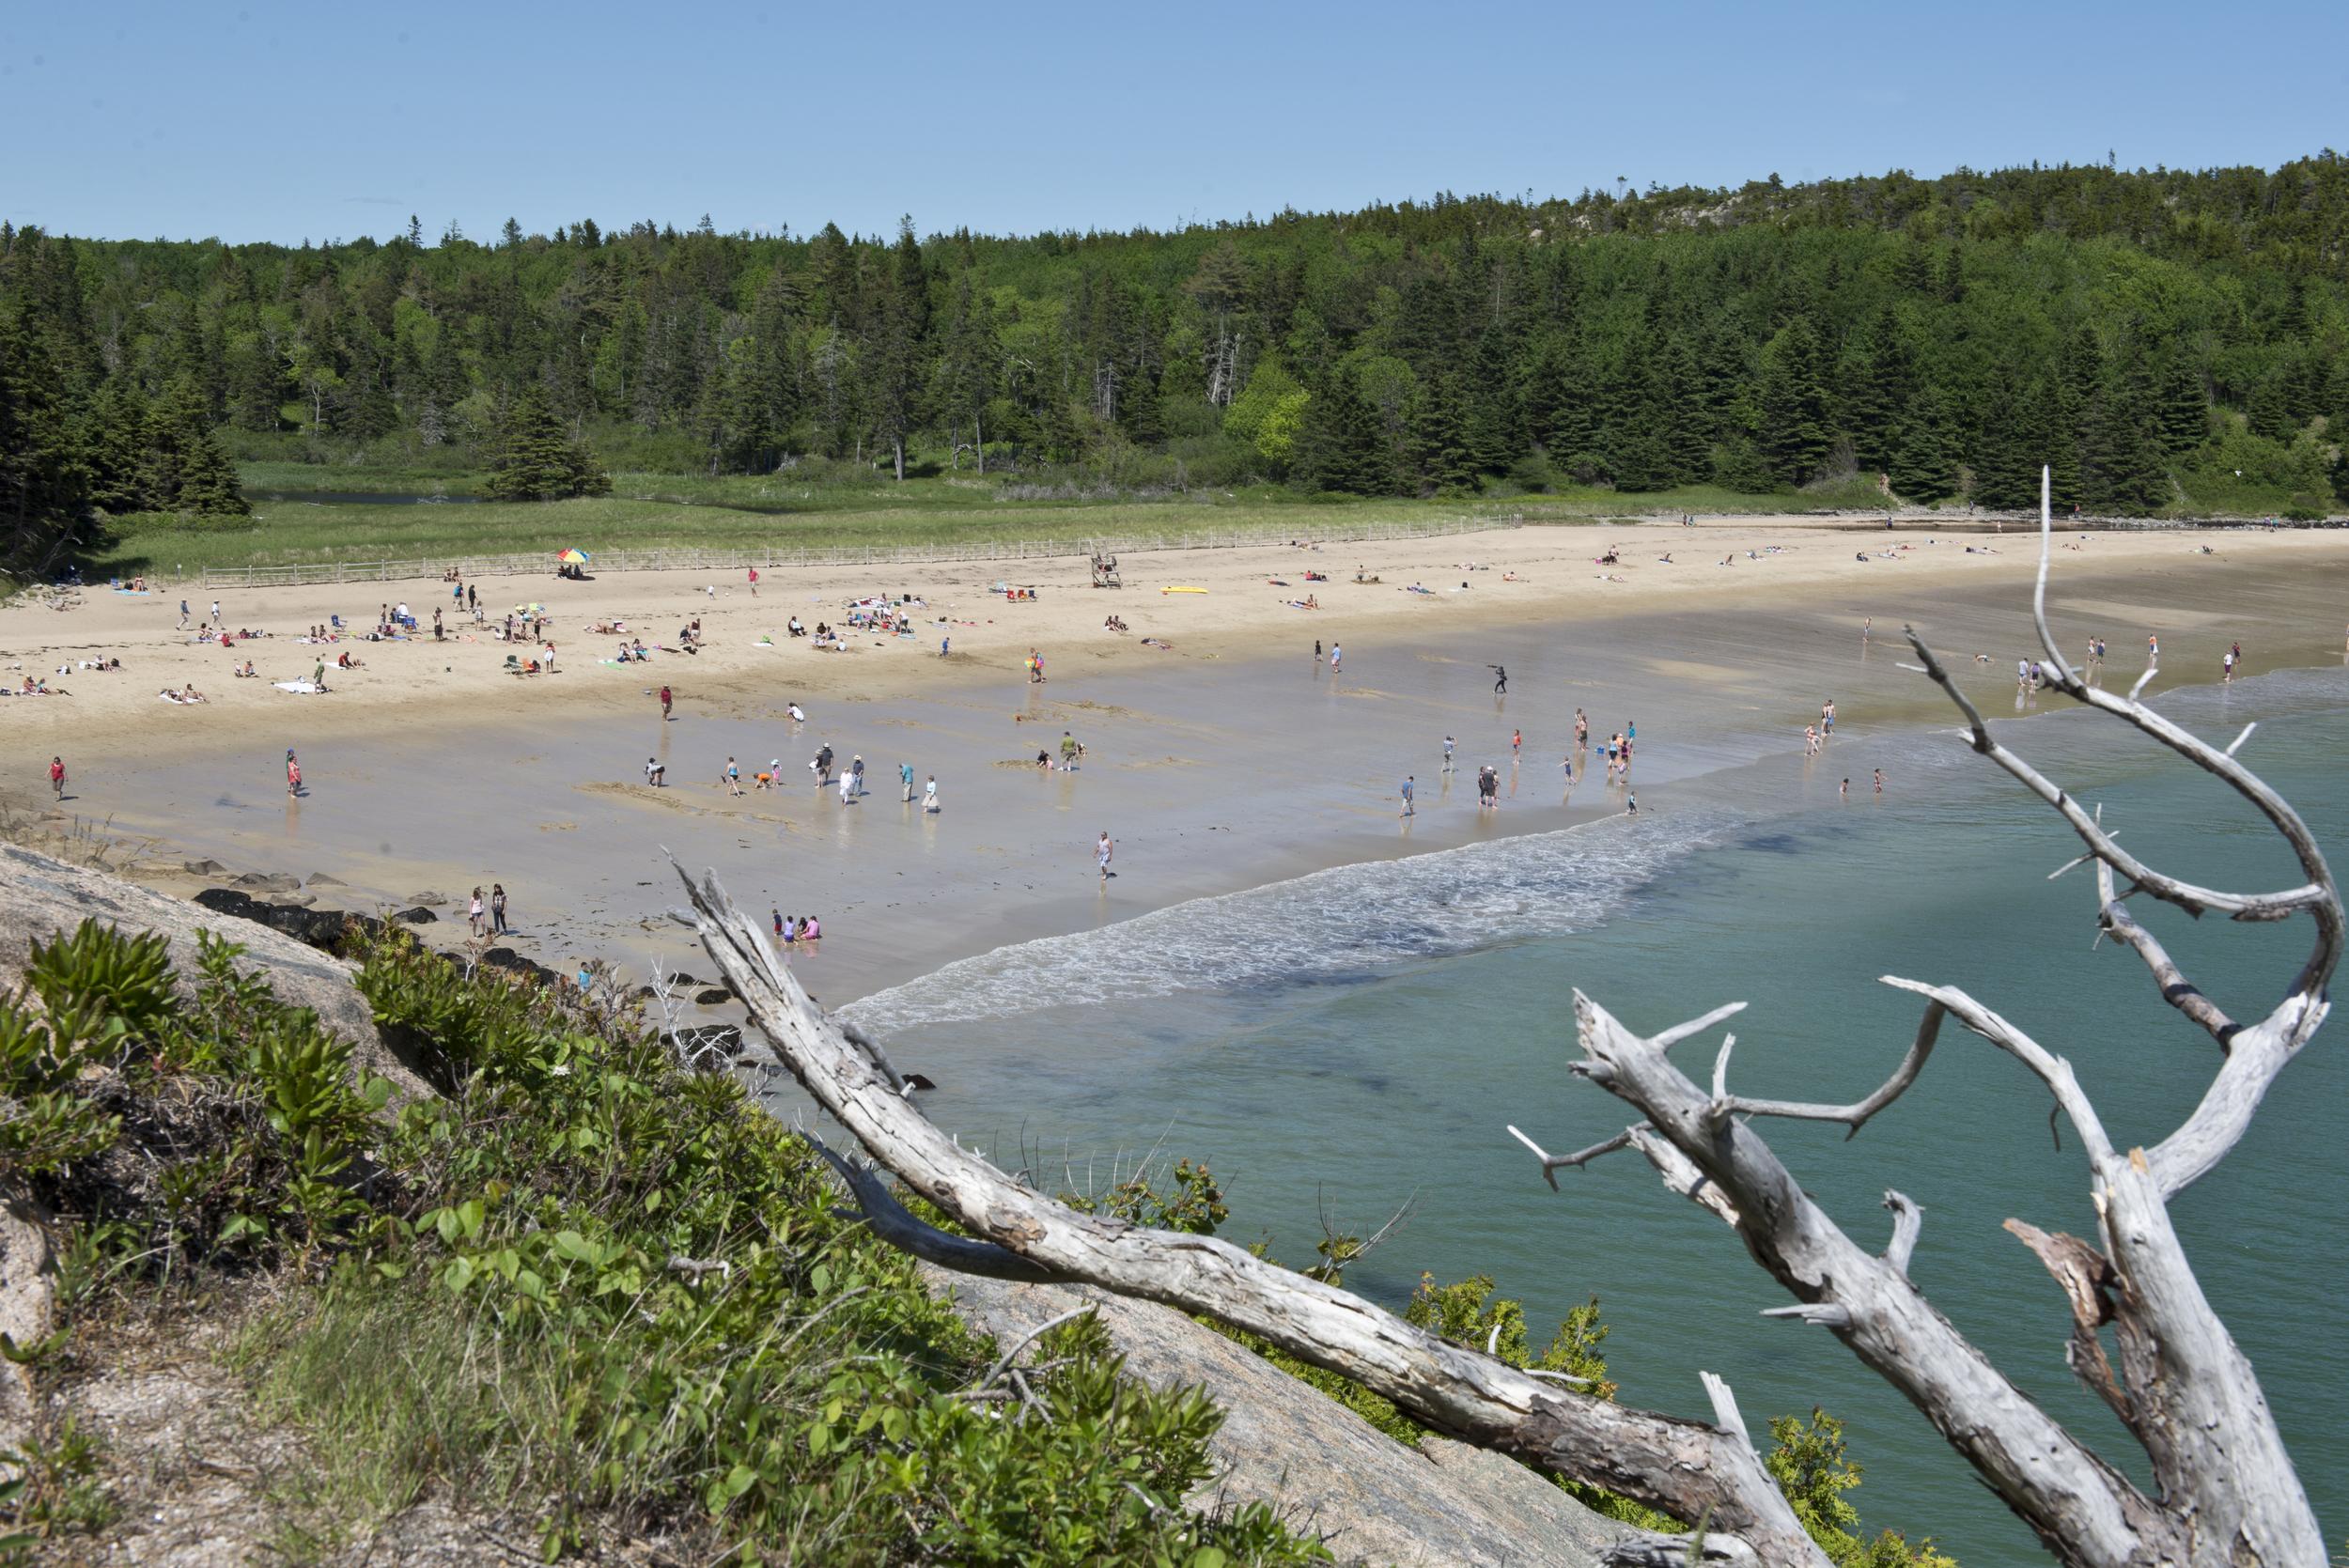 Sand Beach, Acadia National Park, Maine. 2015